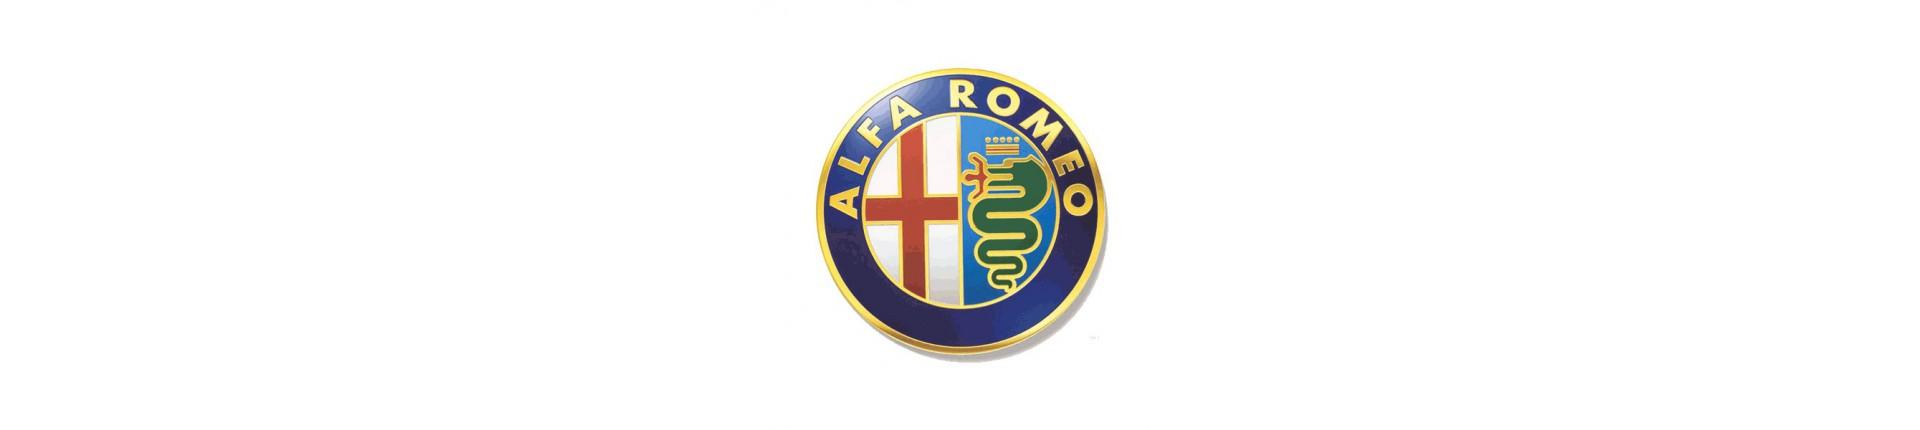 Idees ALFA ROMEO